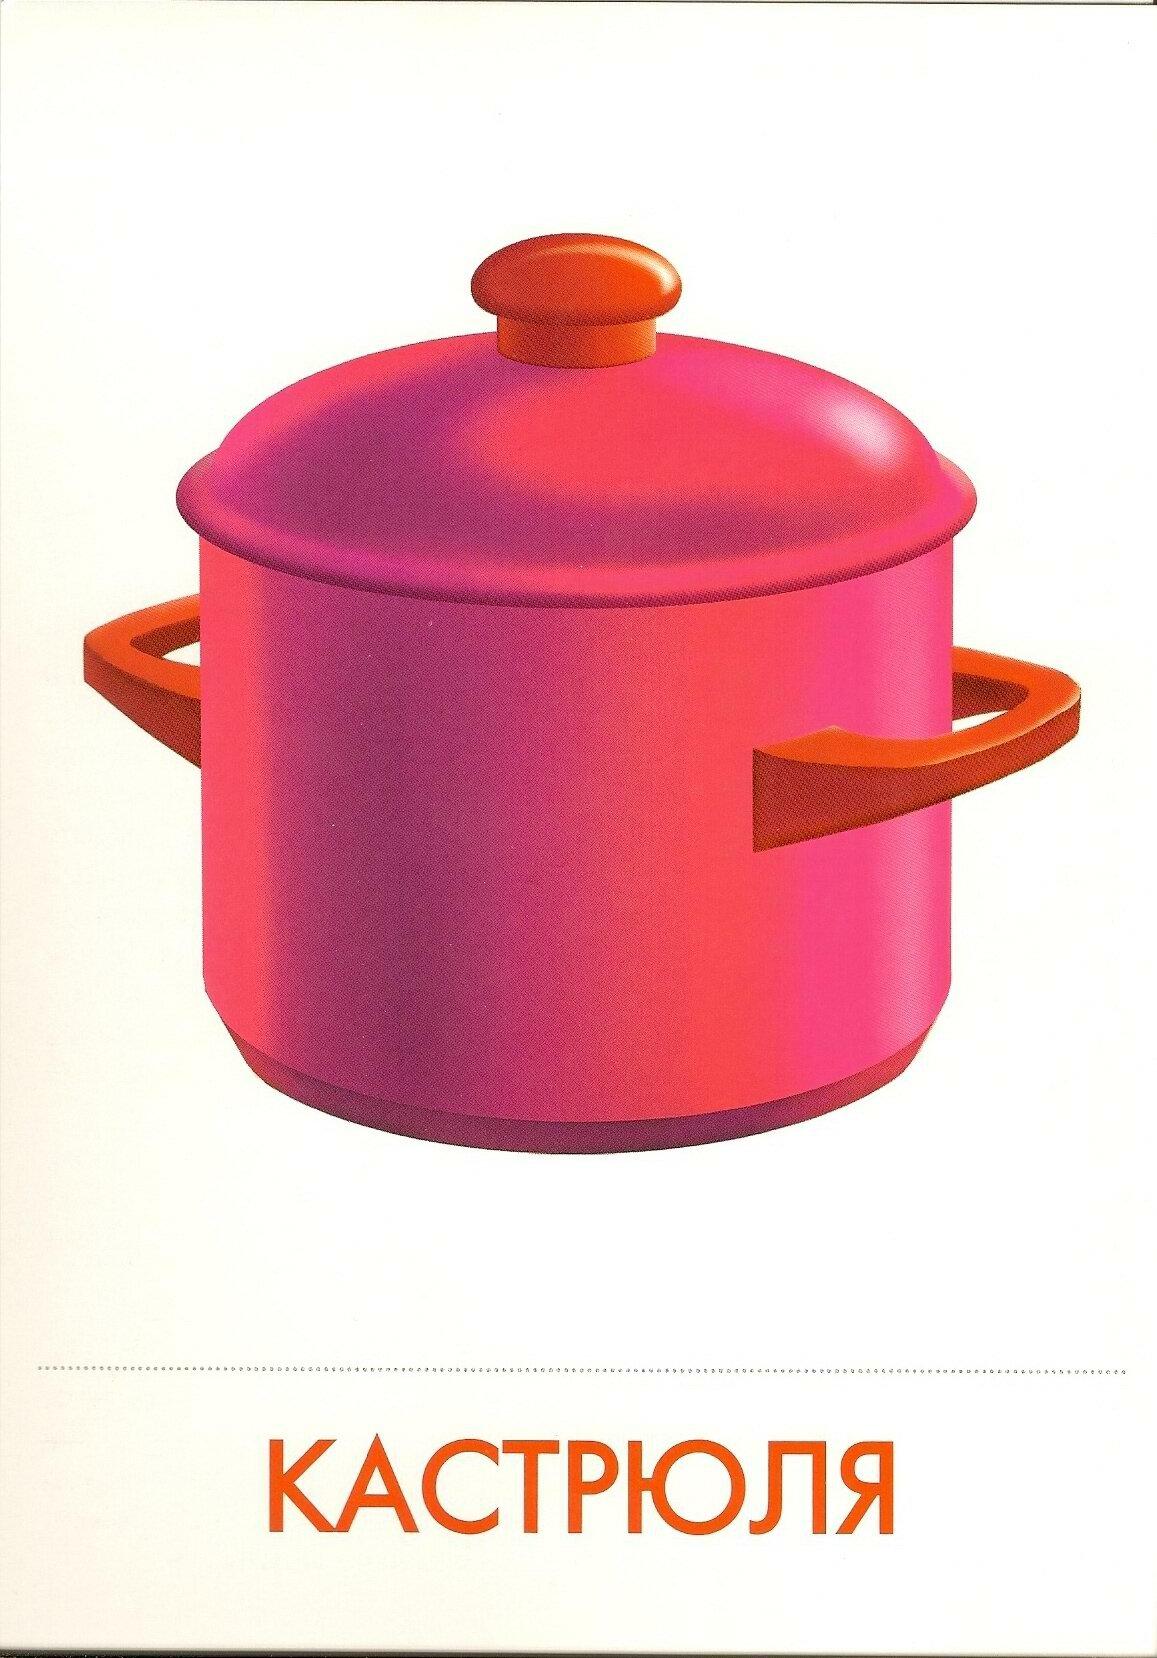 цветные картинки посуды для малышей мвд россии